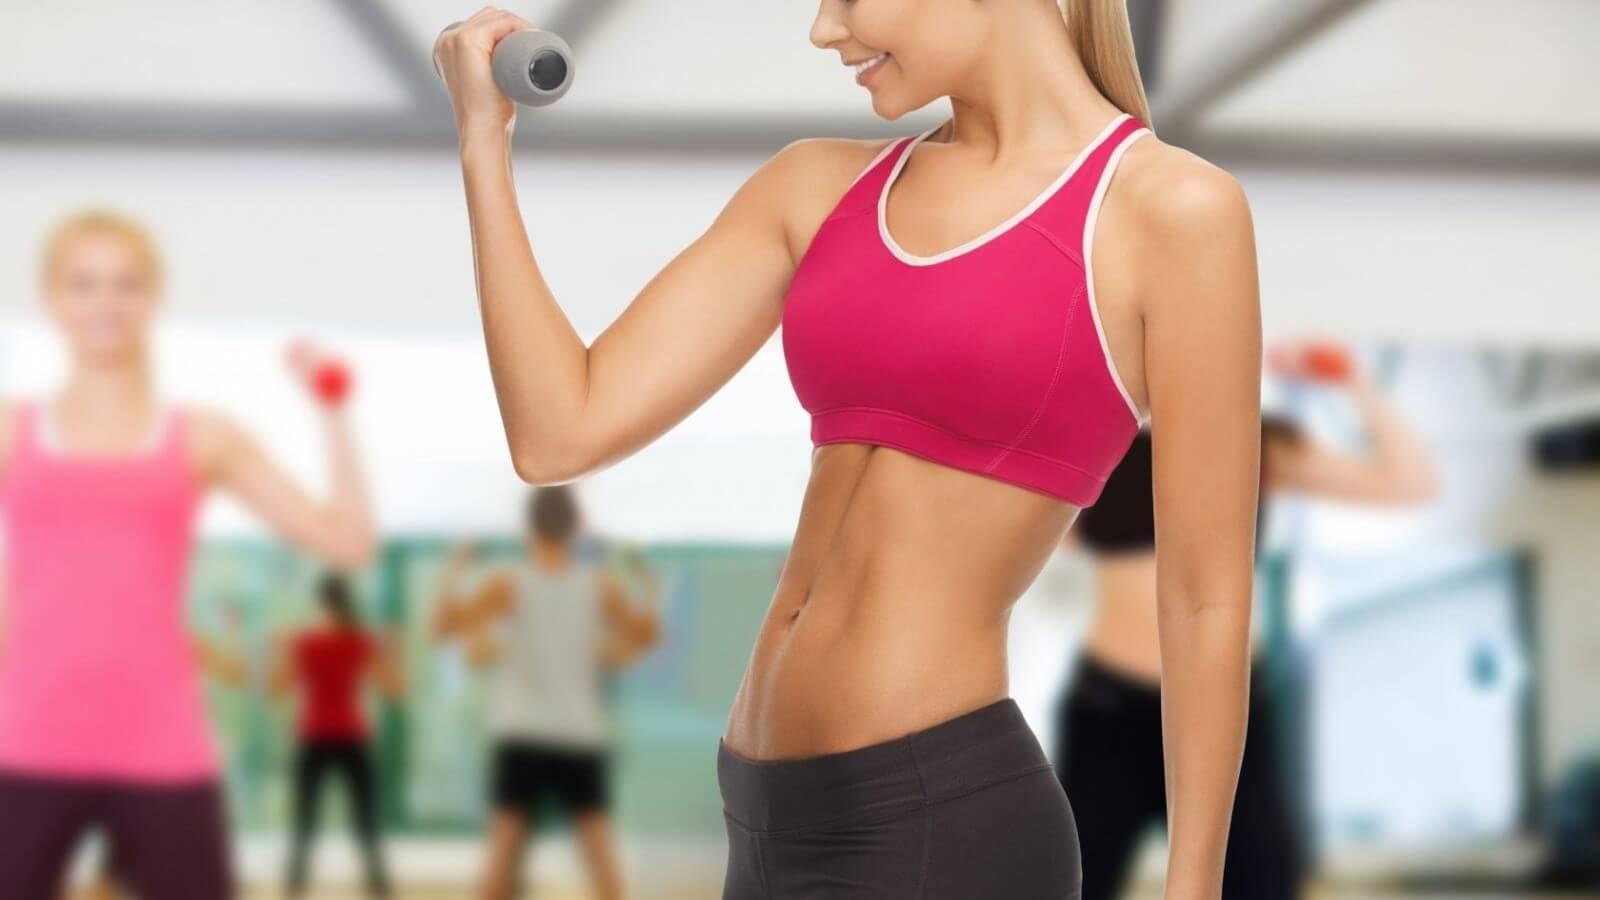 диета для похудения видео уроки